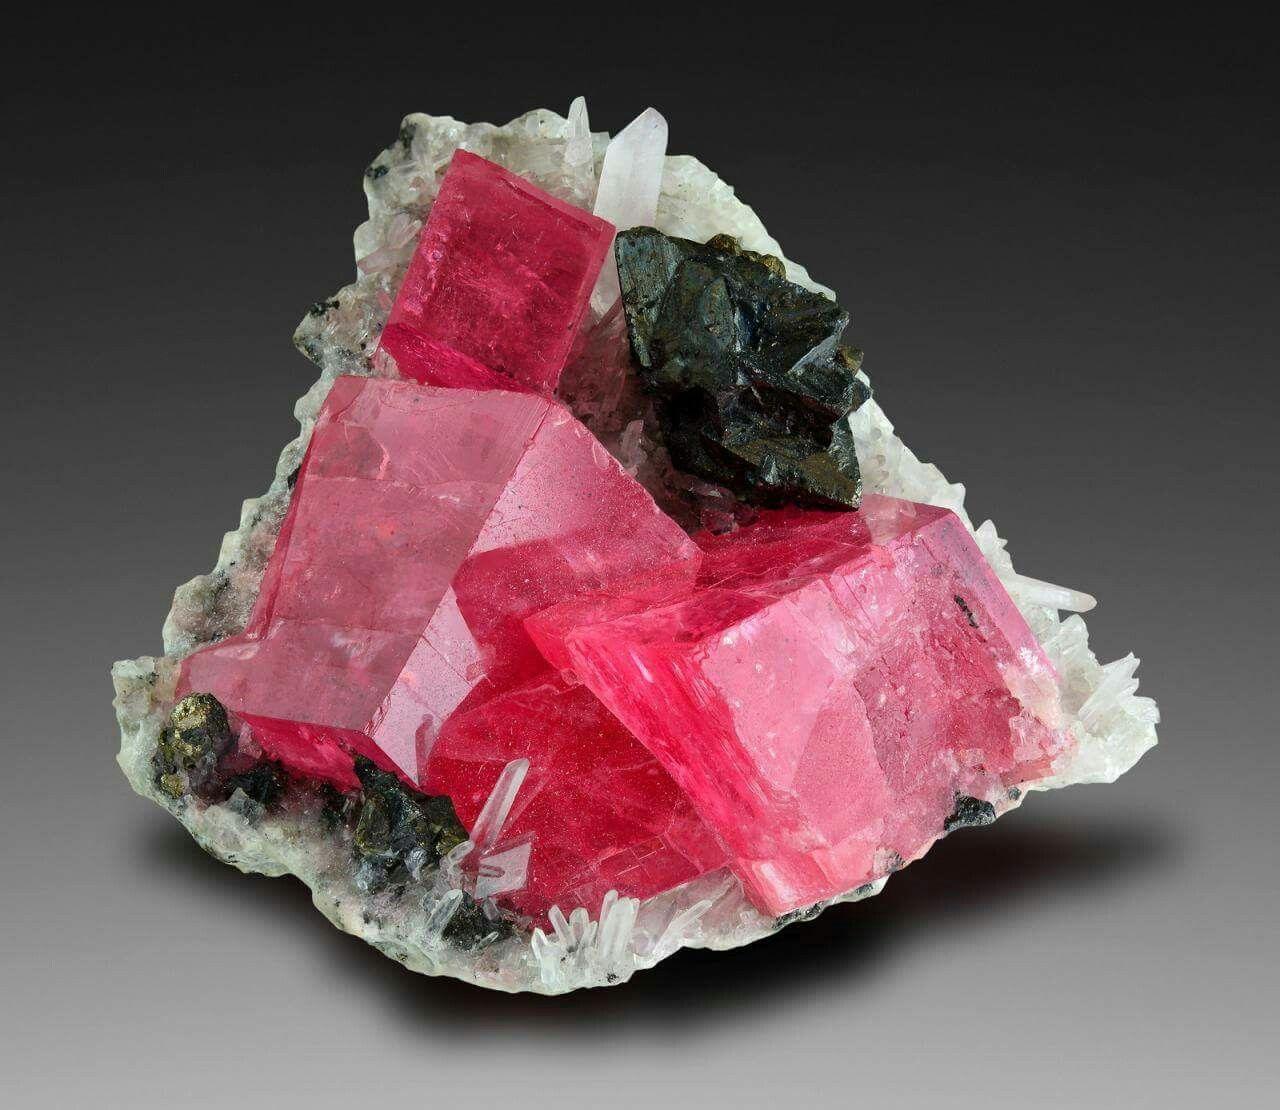 Đá đào hoa Rhodochrosite là gì? Bạn biết gì về đá đào hoa Rhodochrosite? 2